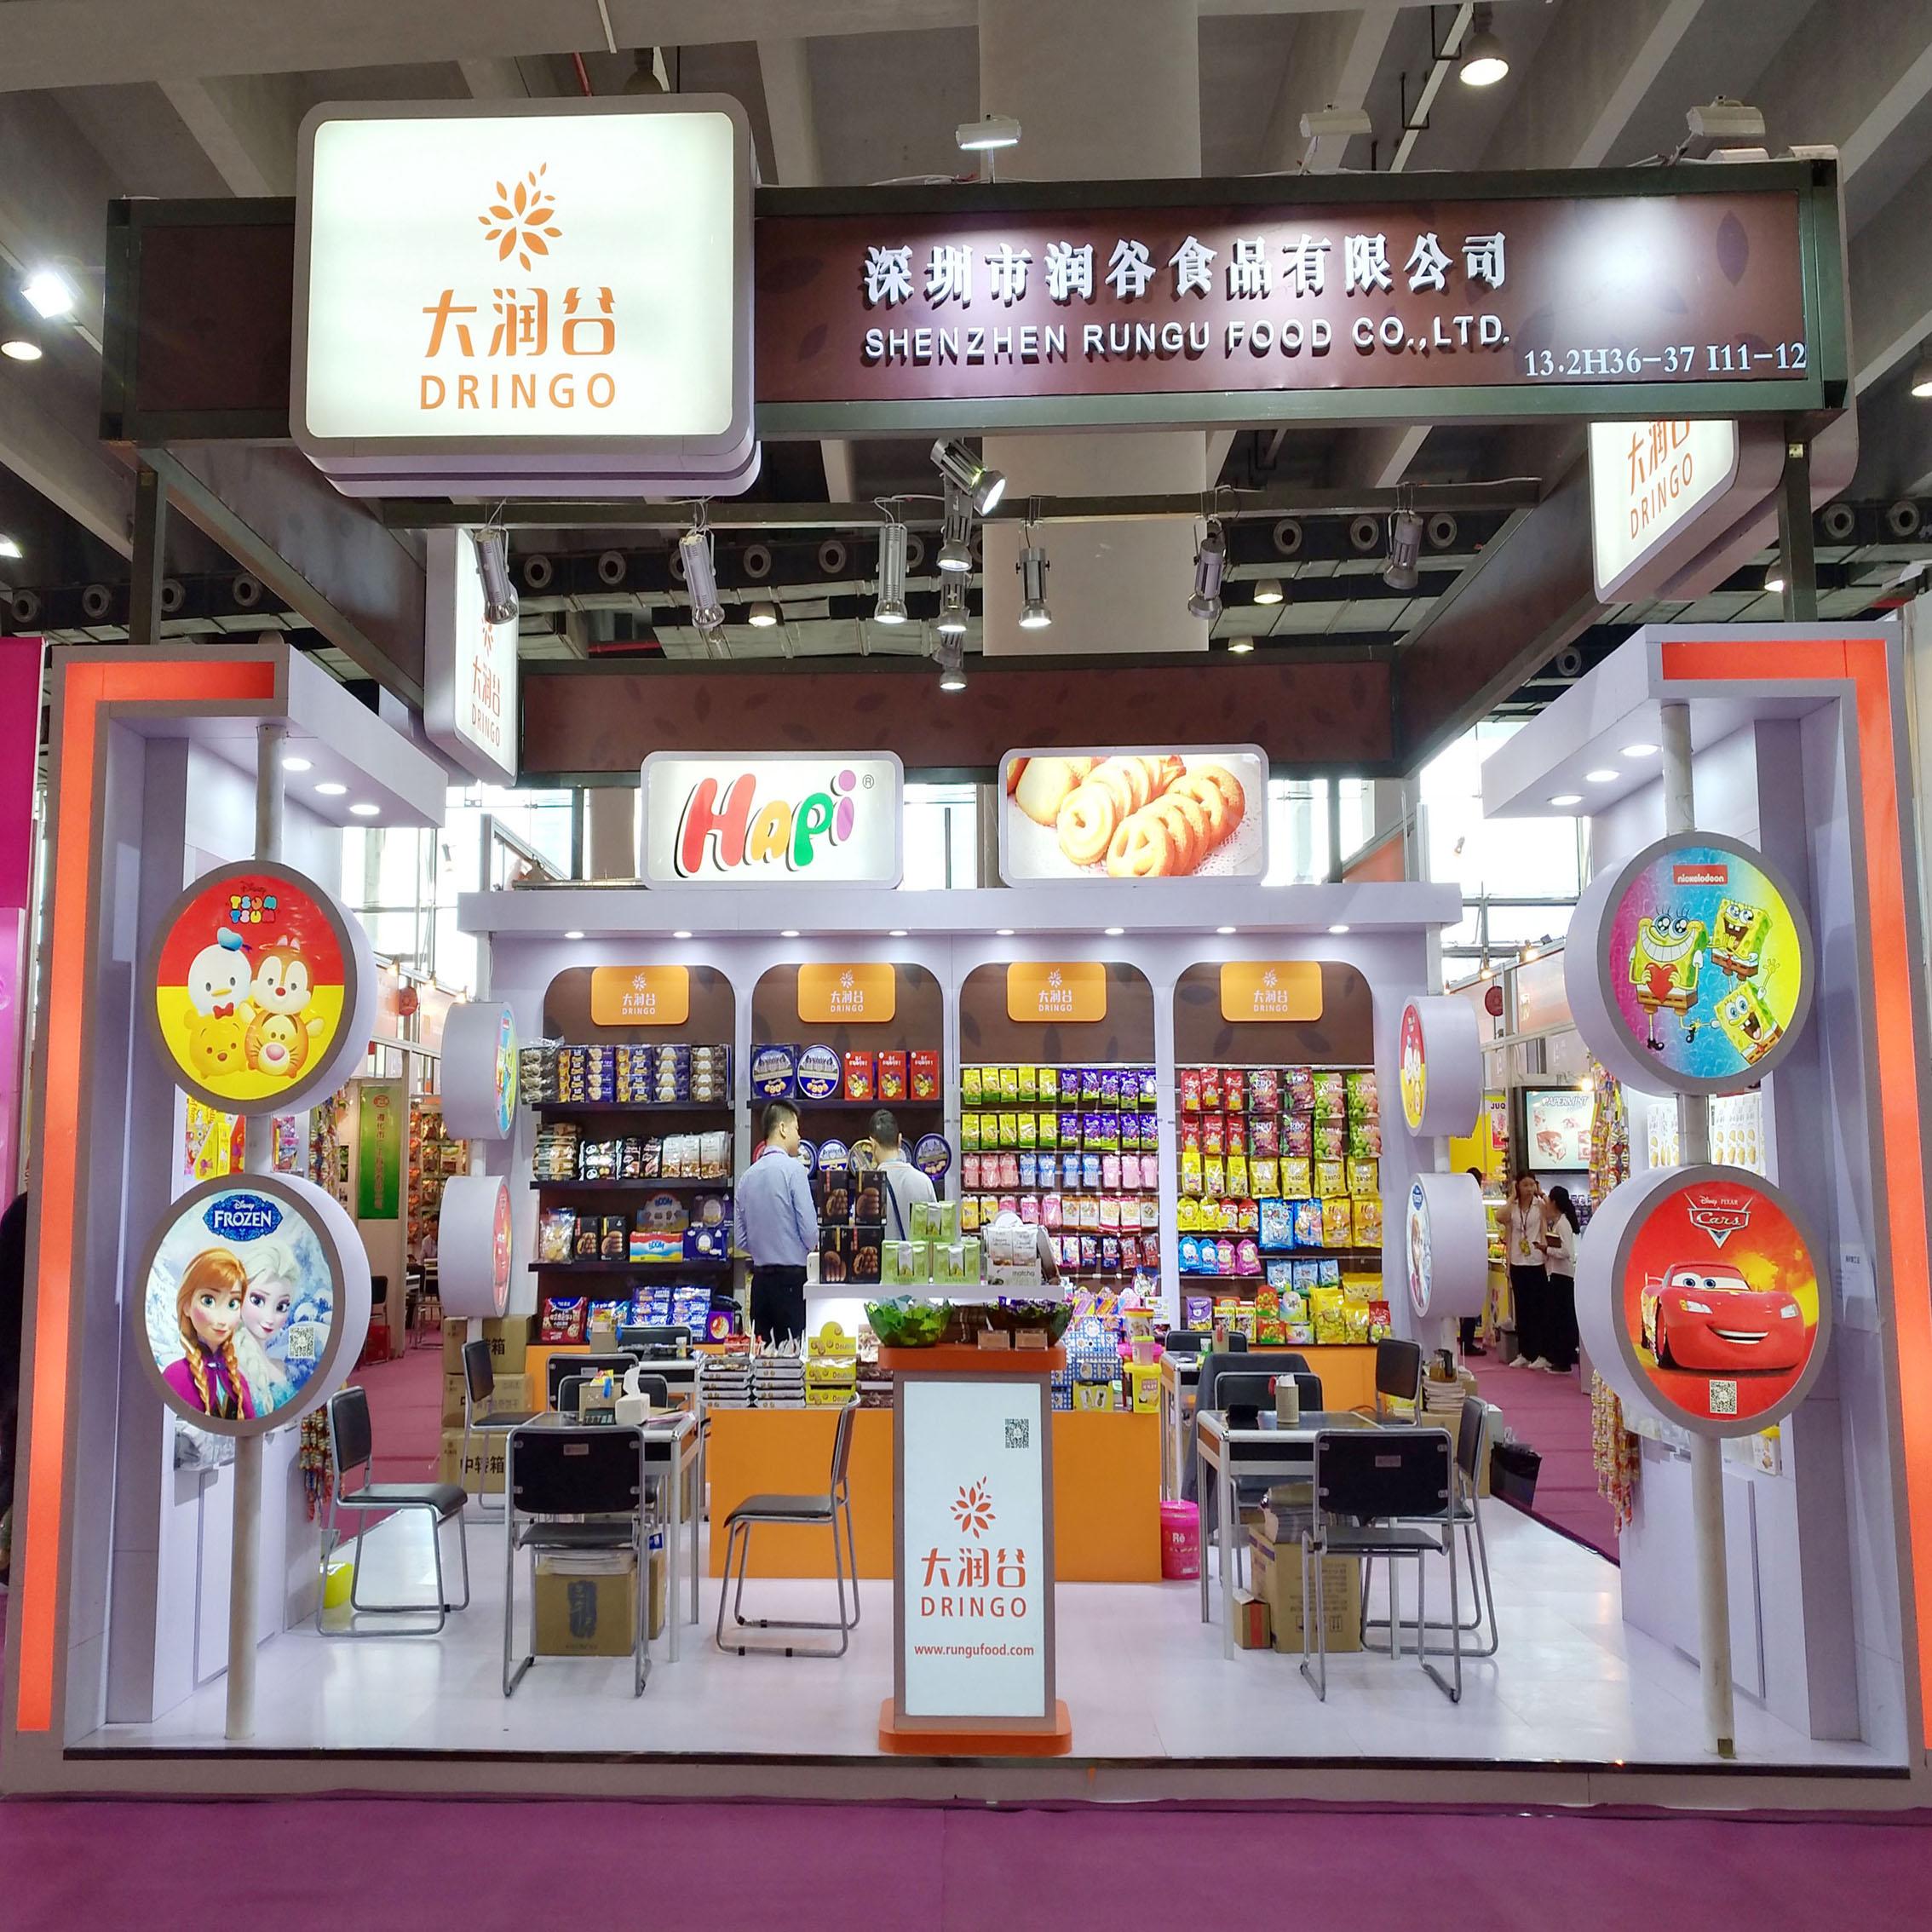 Shenzhen Rungu Food Co., Ltd attended 124th Canton Fair